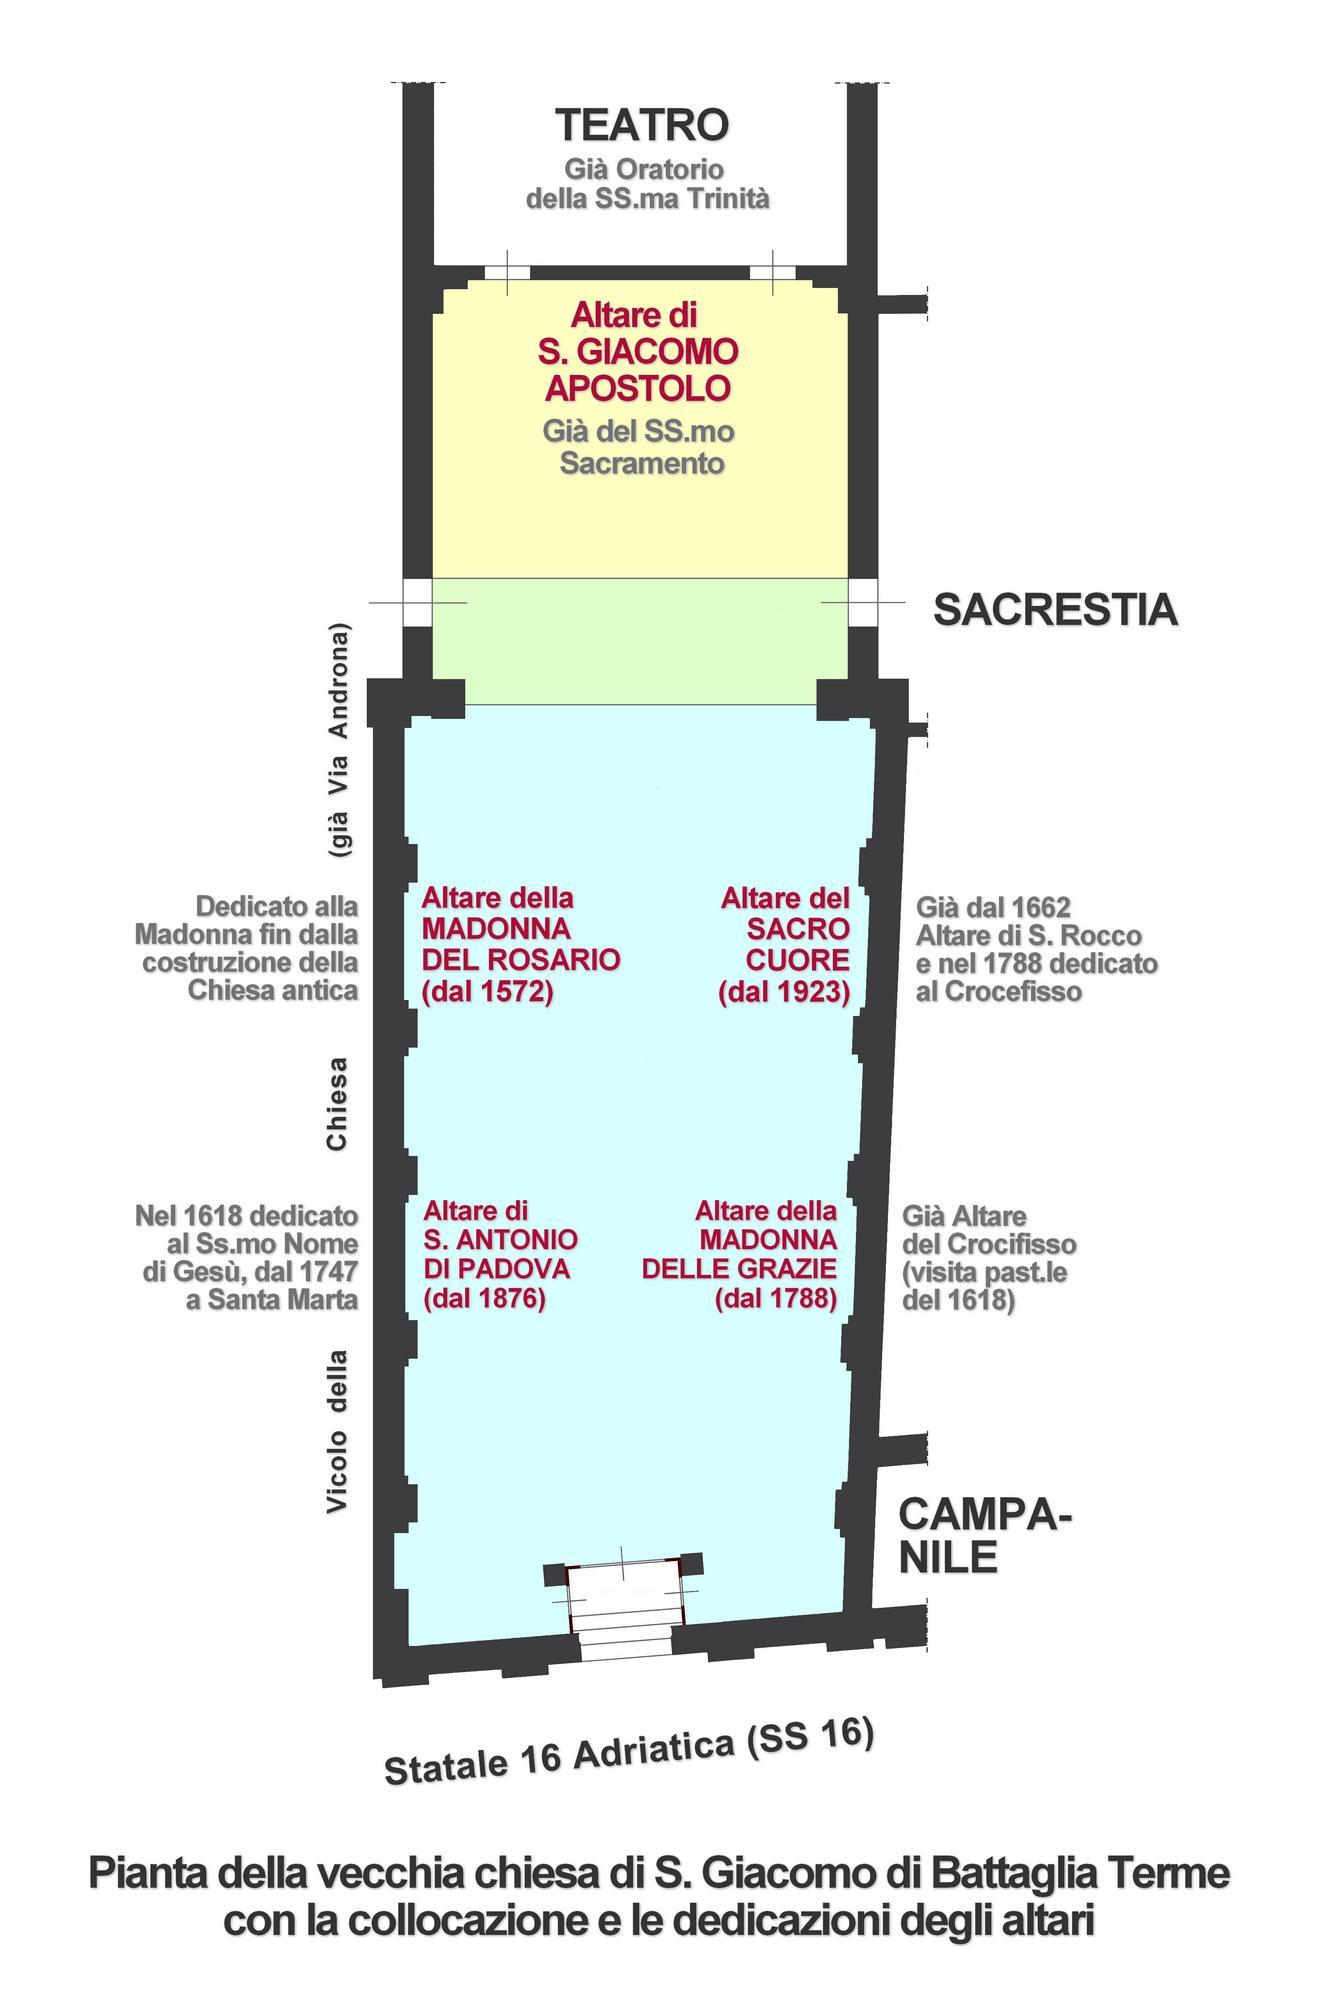 Pianta della vecchia chiesa di Battaglia Terme con la collocazione e le dedicazioni degli altari.